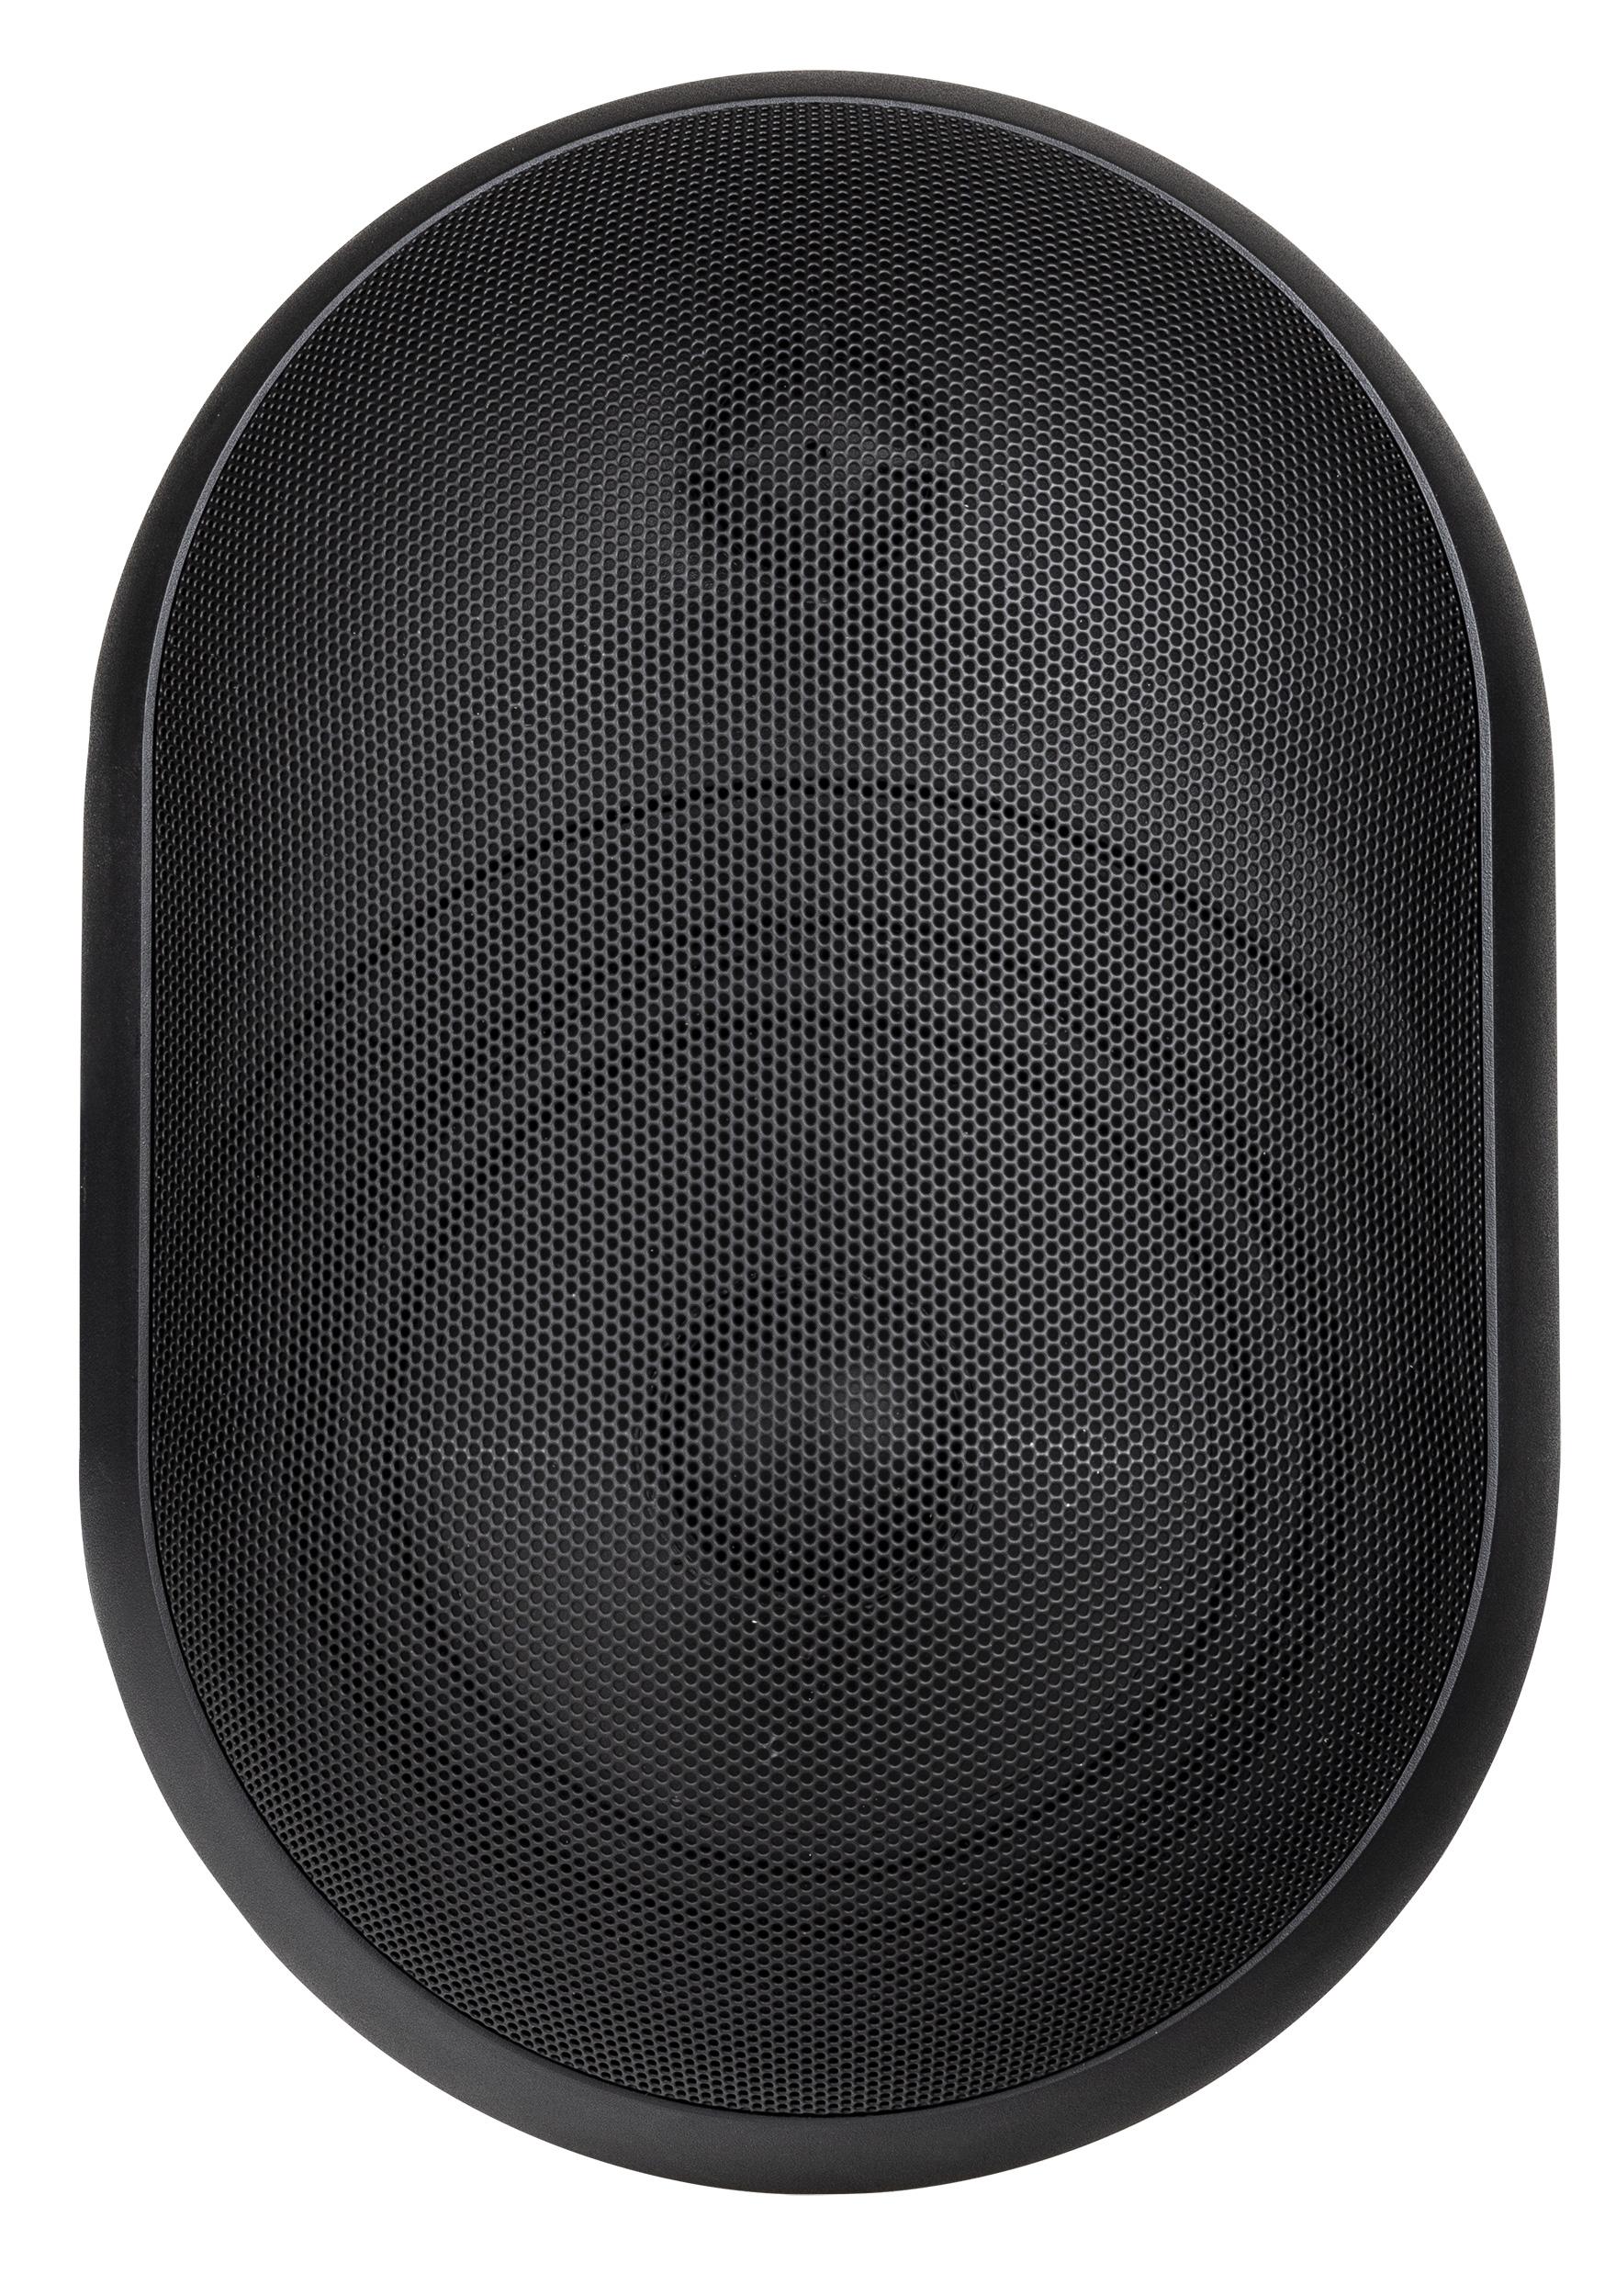 Tropicalized speaker 100V 15~30W 16 Ohms - Black - IP55